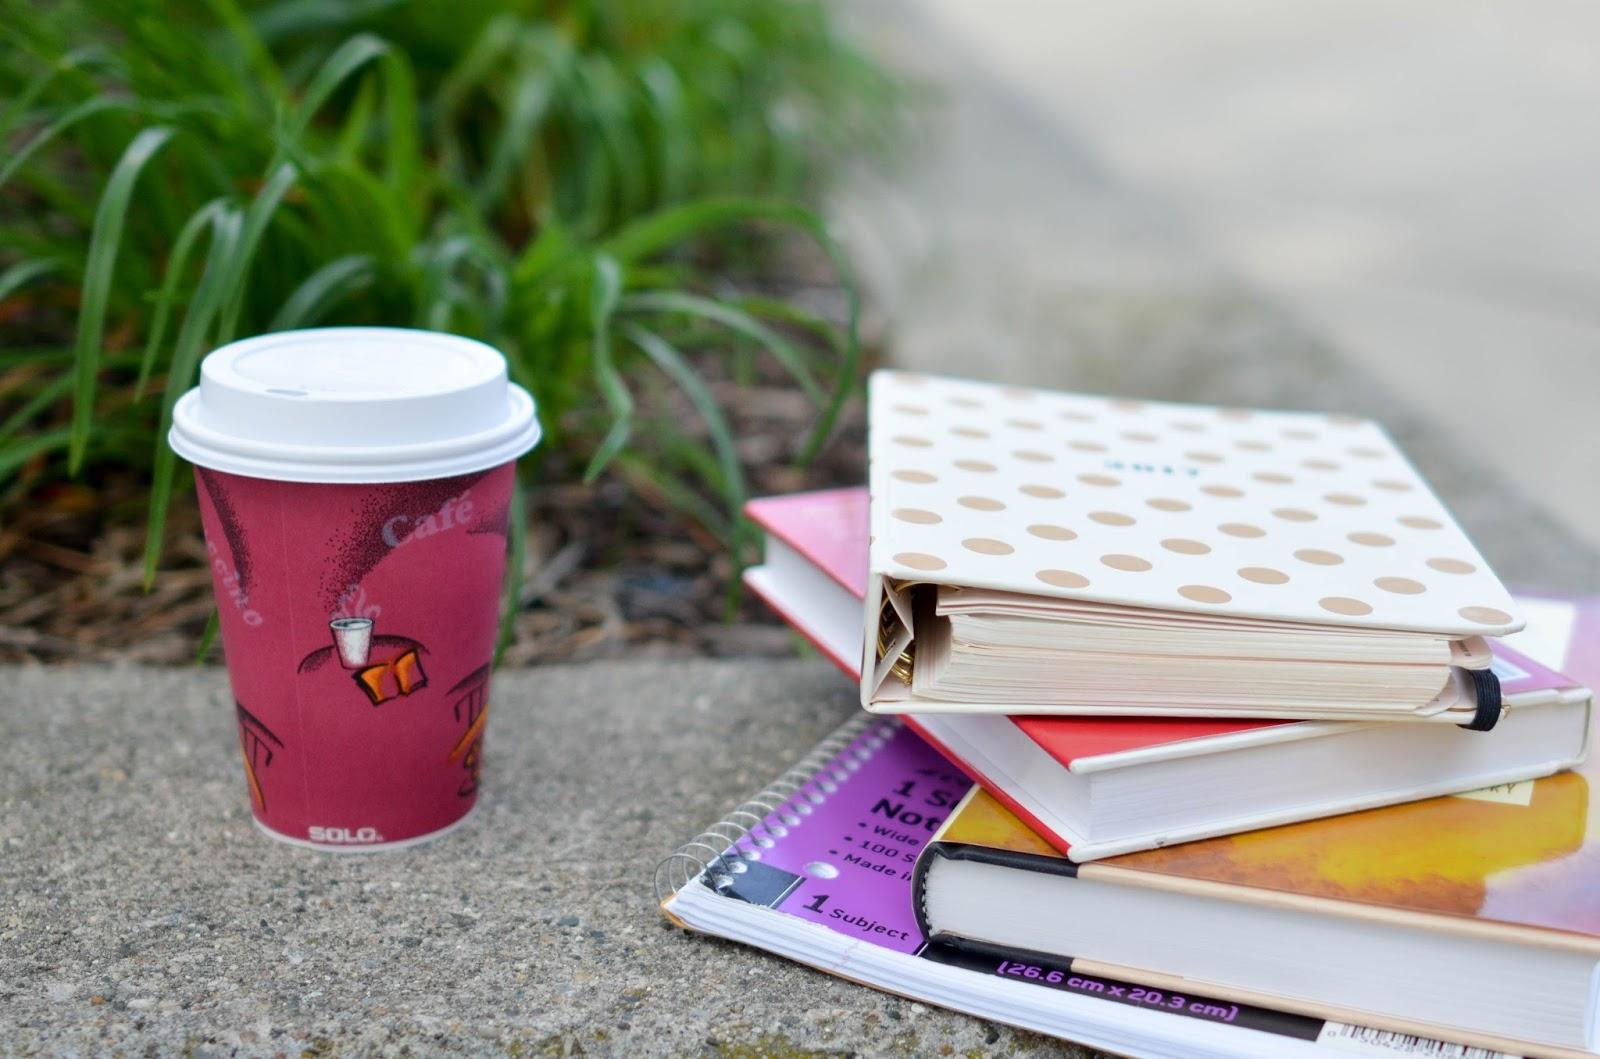 Bu Bir Kitap Degil / Birak Daginik Kalsin / Hayatini Ciz / Nasil Mutlu Olunur (En Azindan Nasil Daha Az Uzgun Olunur) - Yaratici Bir Calisma Kitabi / Start Where You Are - Kisisel Kesif Icin Bir Gunluk  (Kitap)